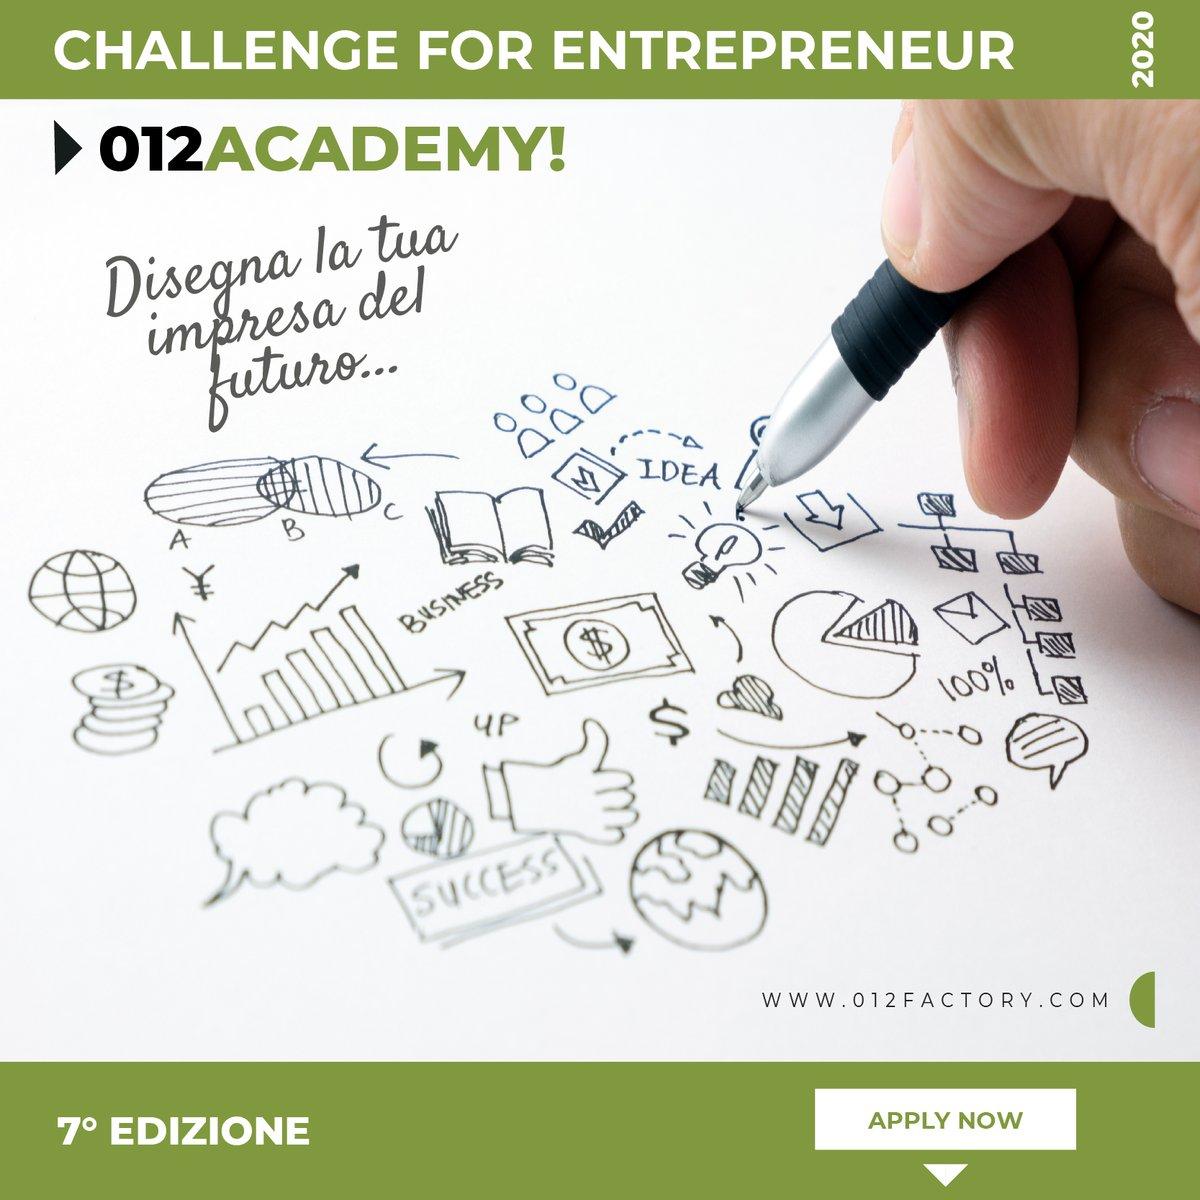 Invia la tua candidatura per la settima edizione dell'Academy imprenditoriale 012 e sarai ricontattato per un colloquio! https://t.co/FGzBLuEFBl https://t.co/eav0spftuZ